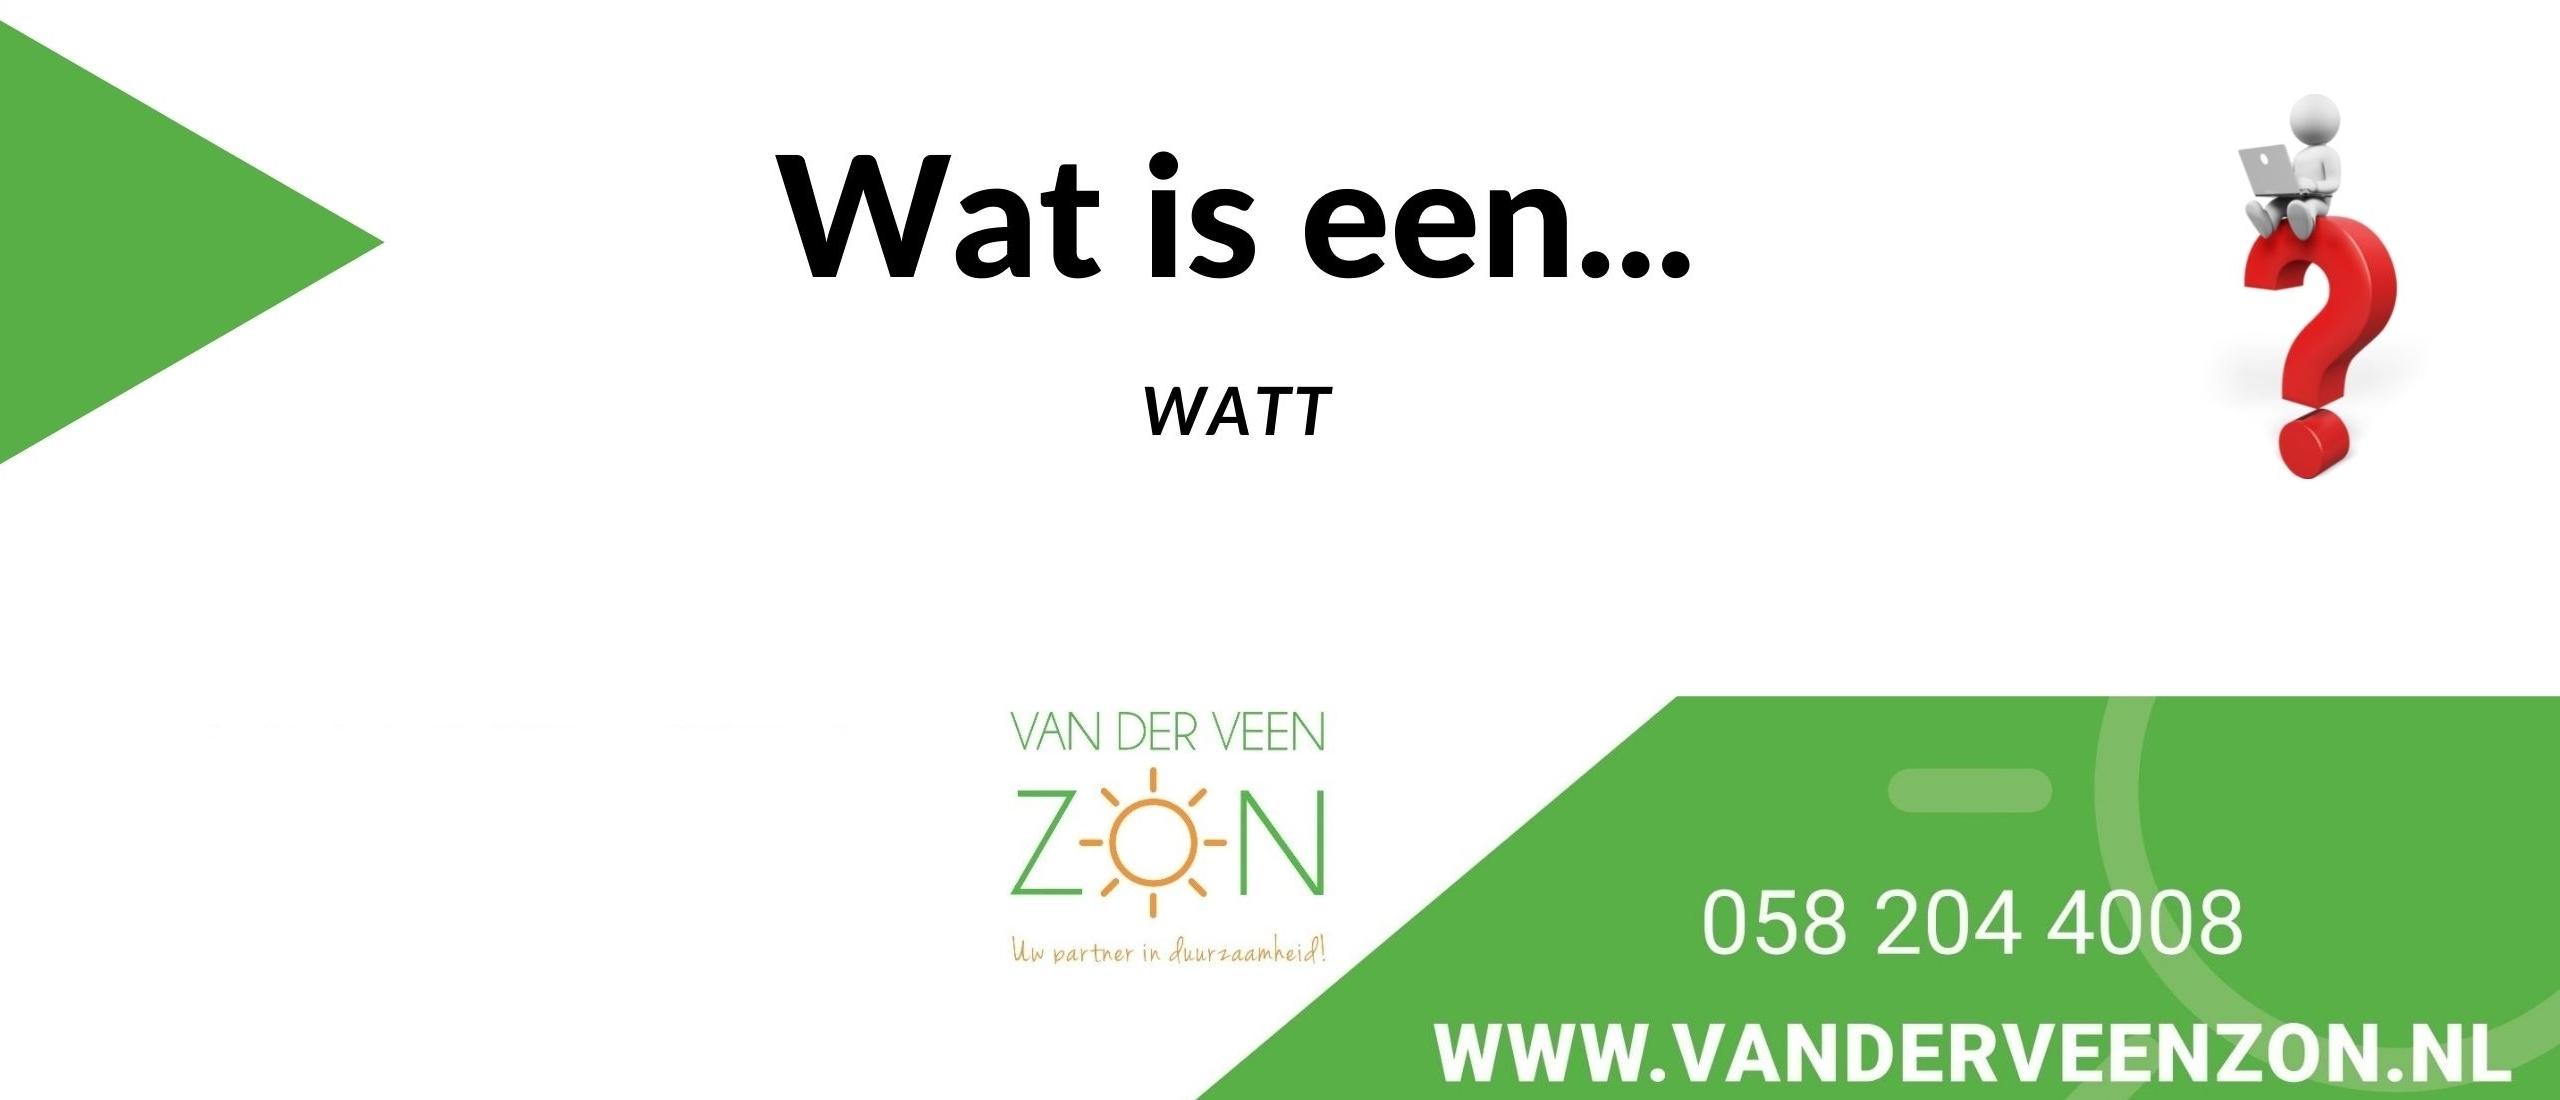 wat is Watt?